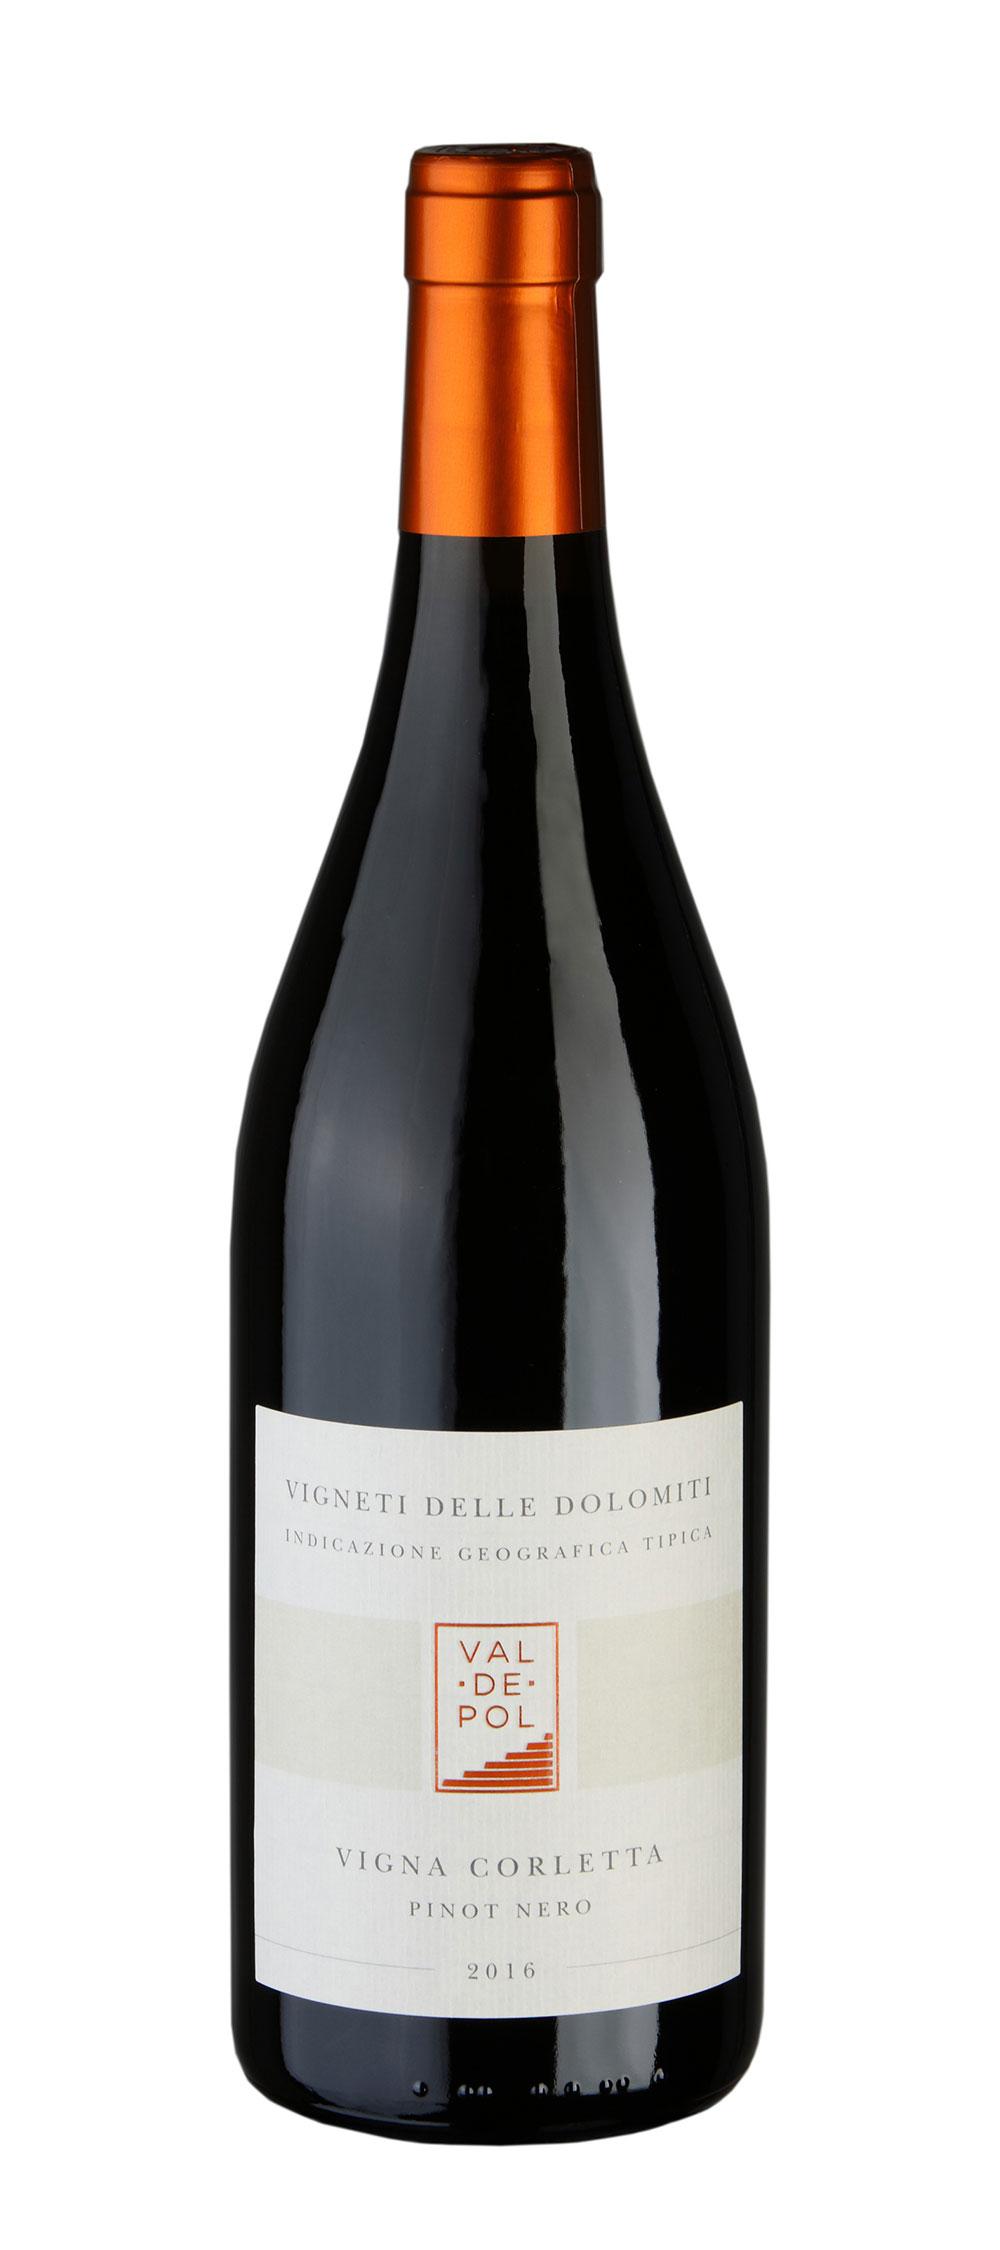 Bottiglia vino pinot nero Valdepol Vigna Corletta